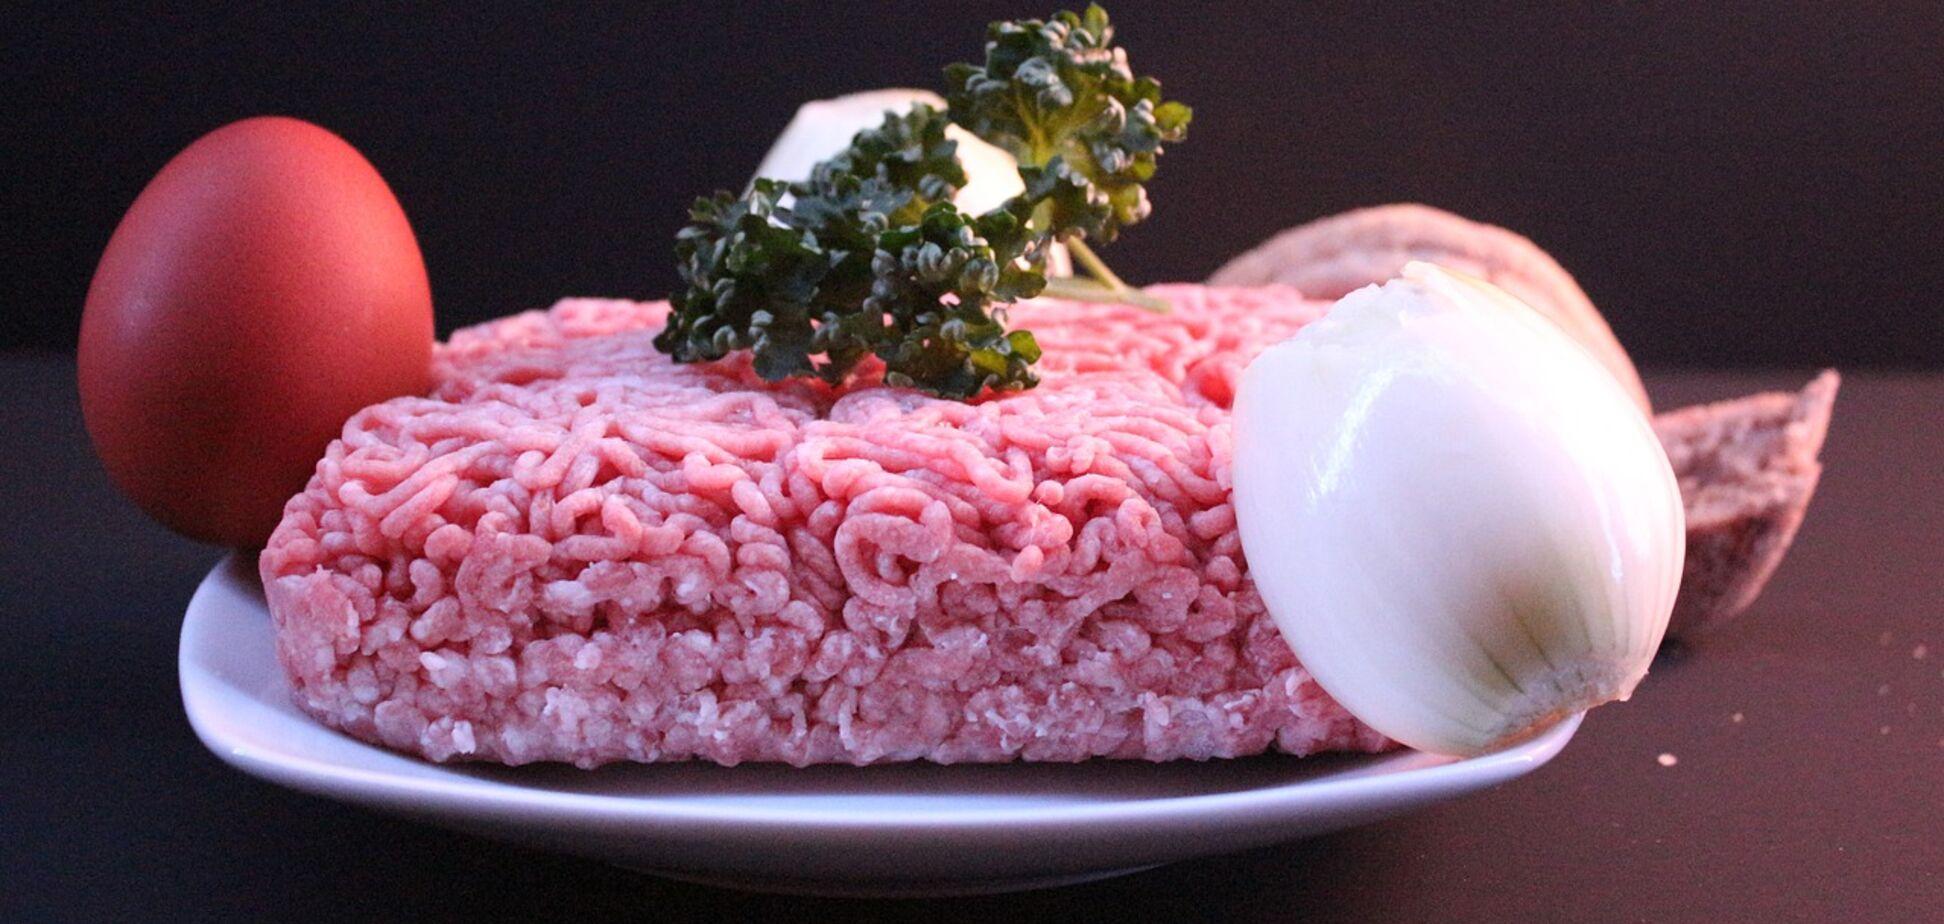 Рецепт найсмачнішої страви з фаршем нашвидкоруч